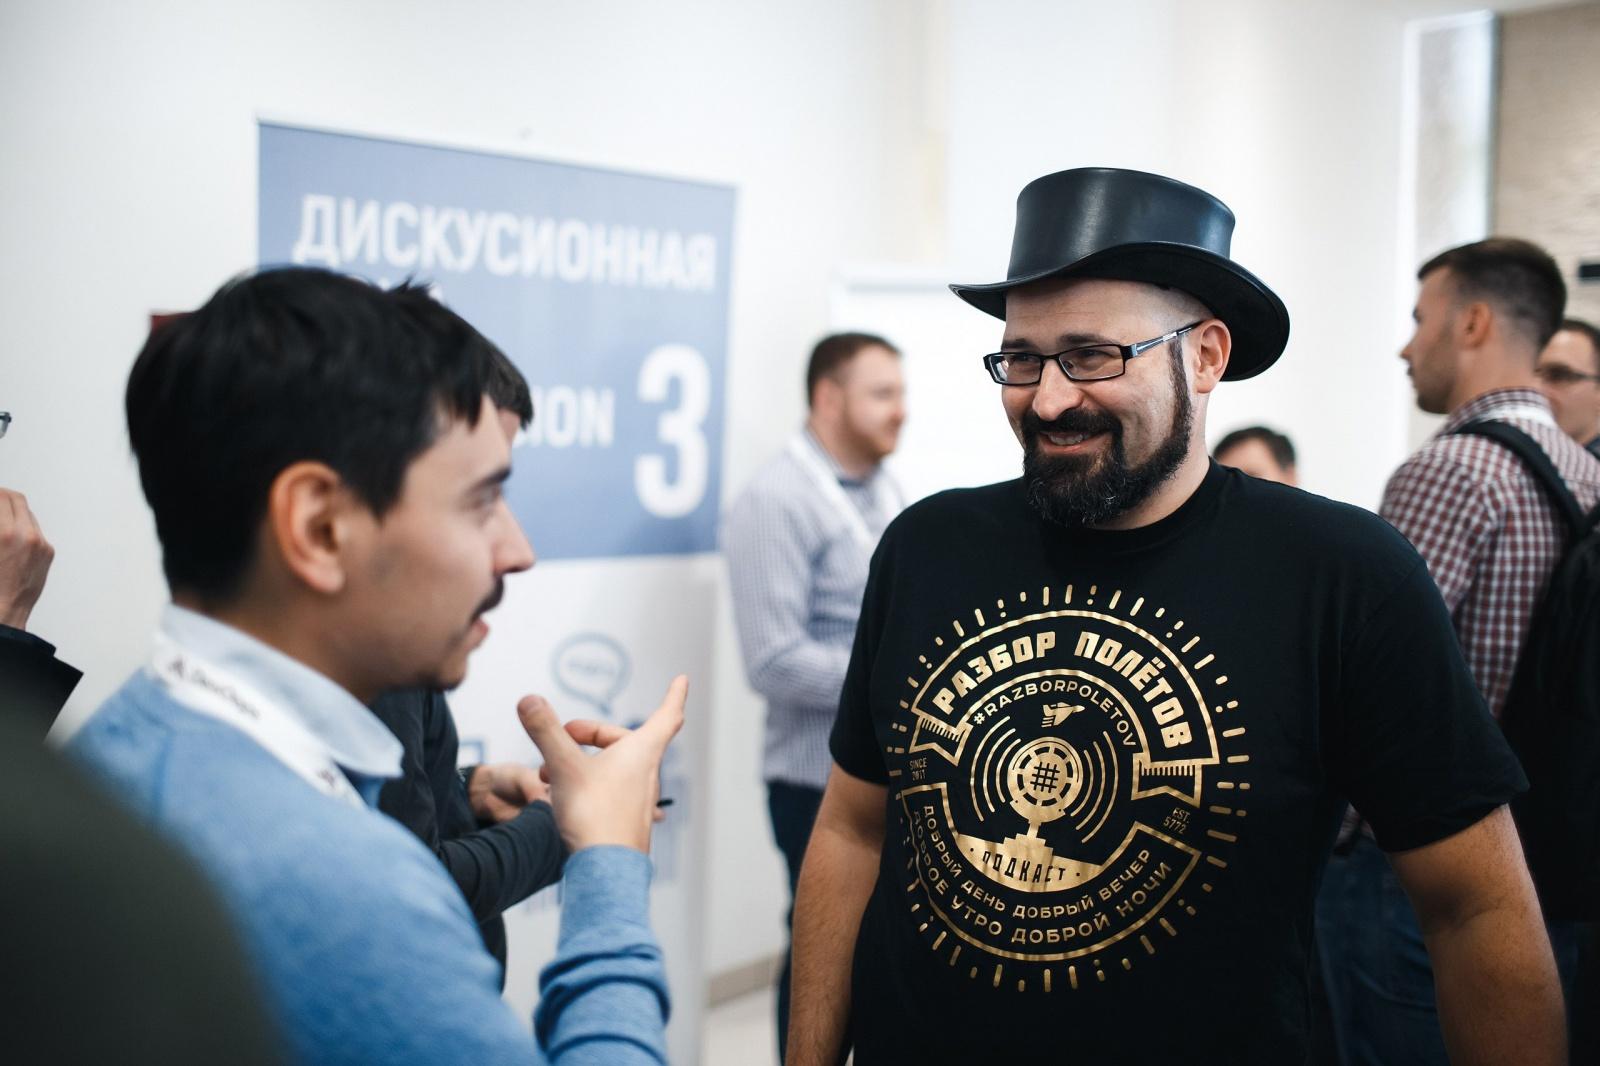 DevOops 2018: бесплатная онлайн-трансляция, вечеринка и многое другое - 3